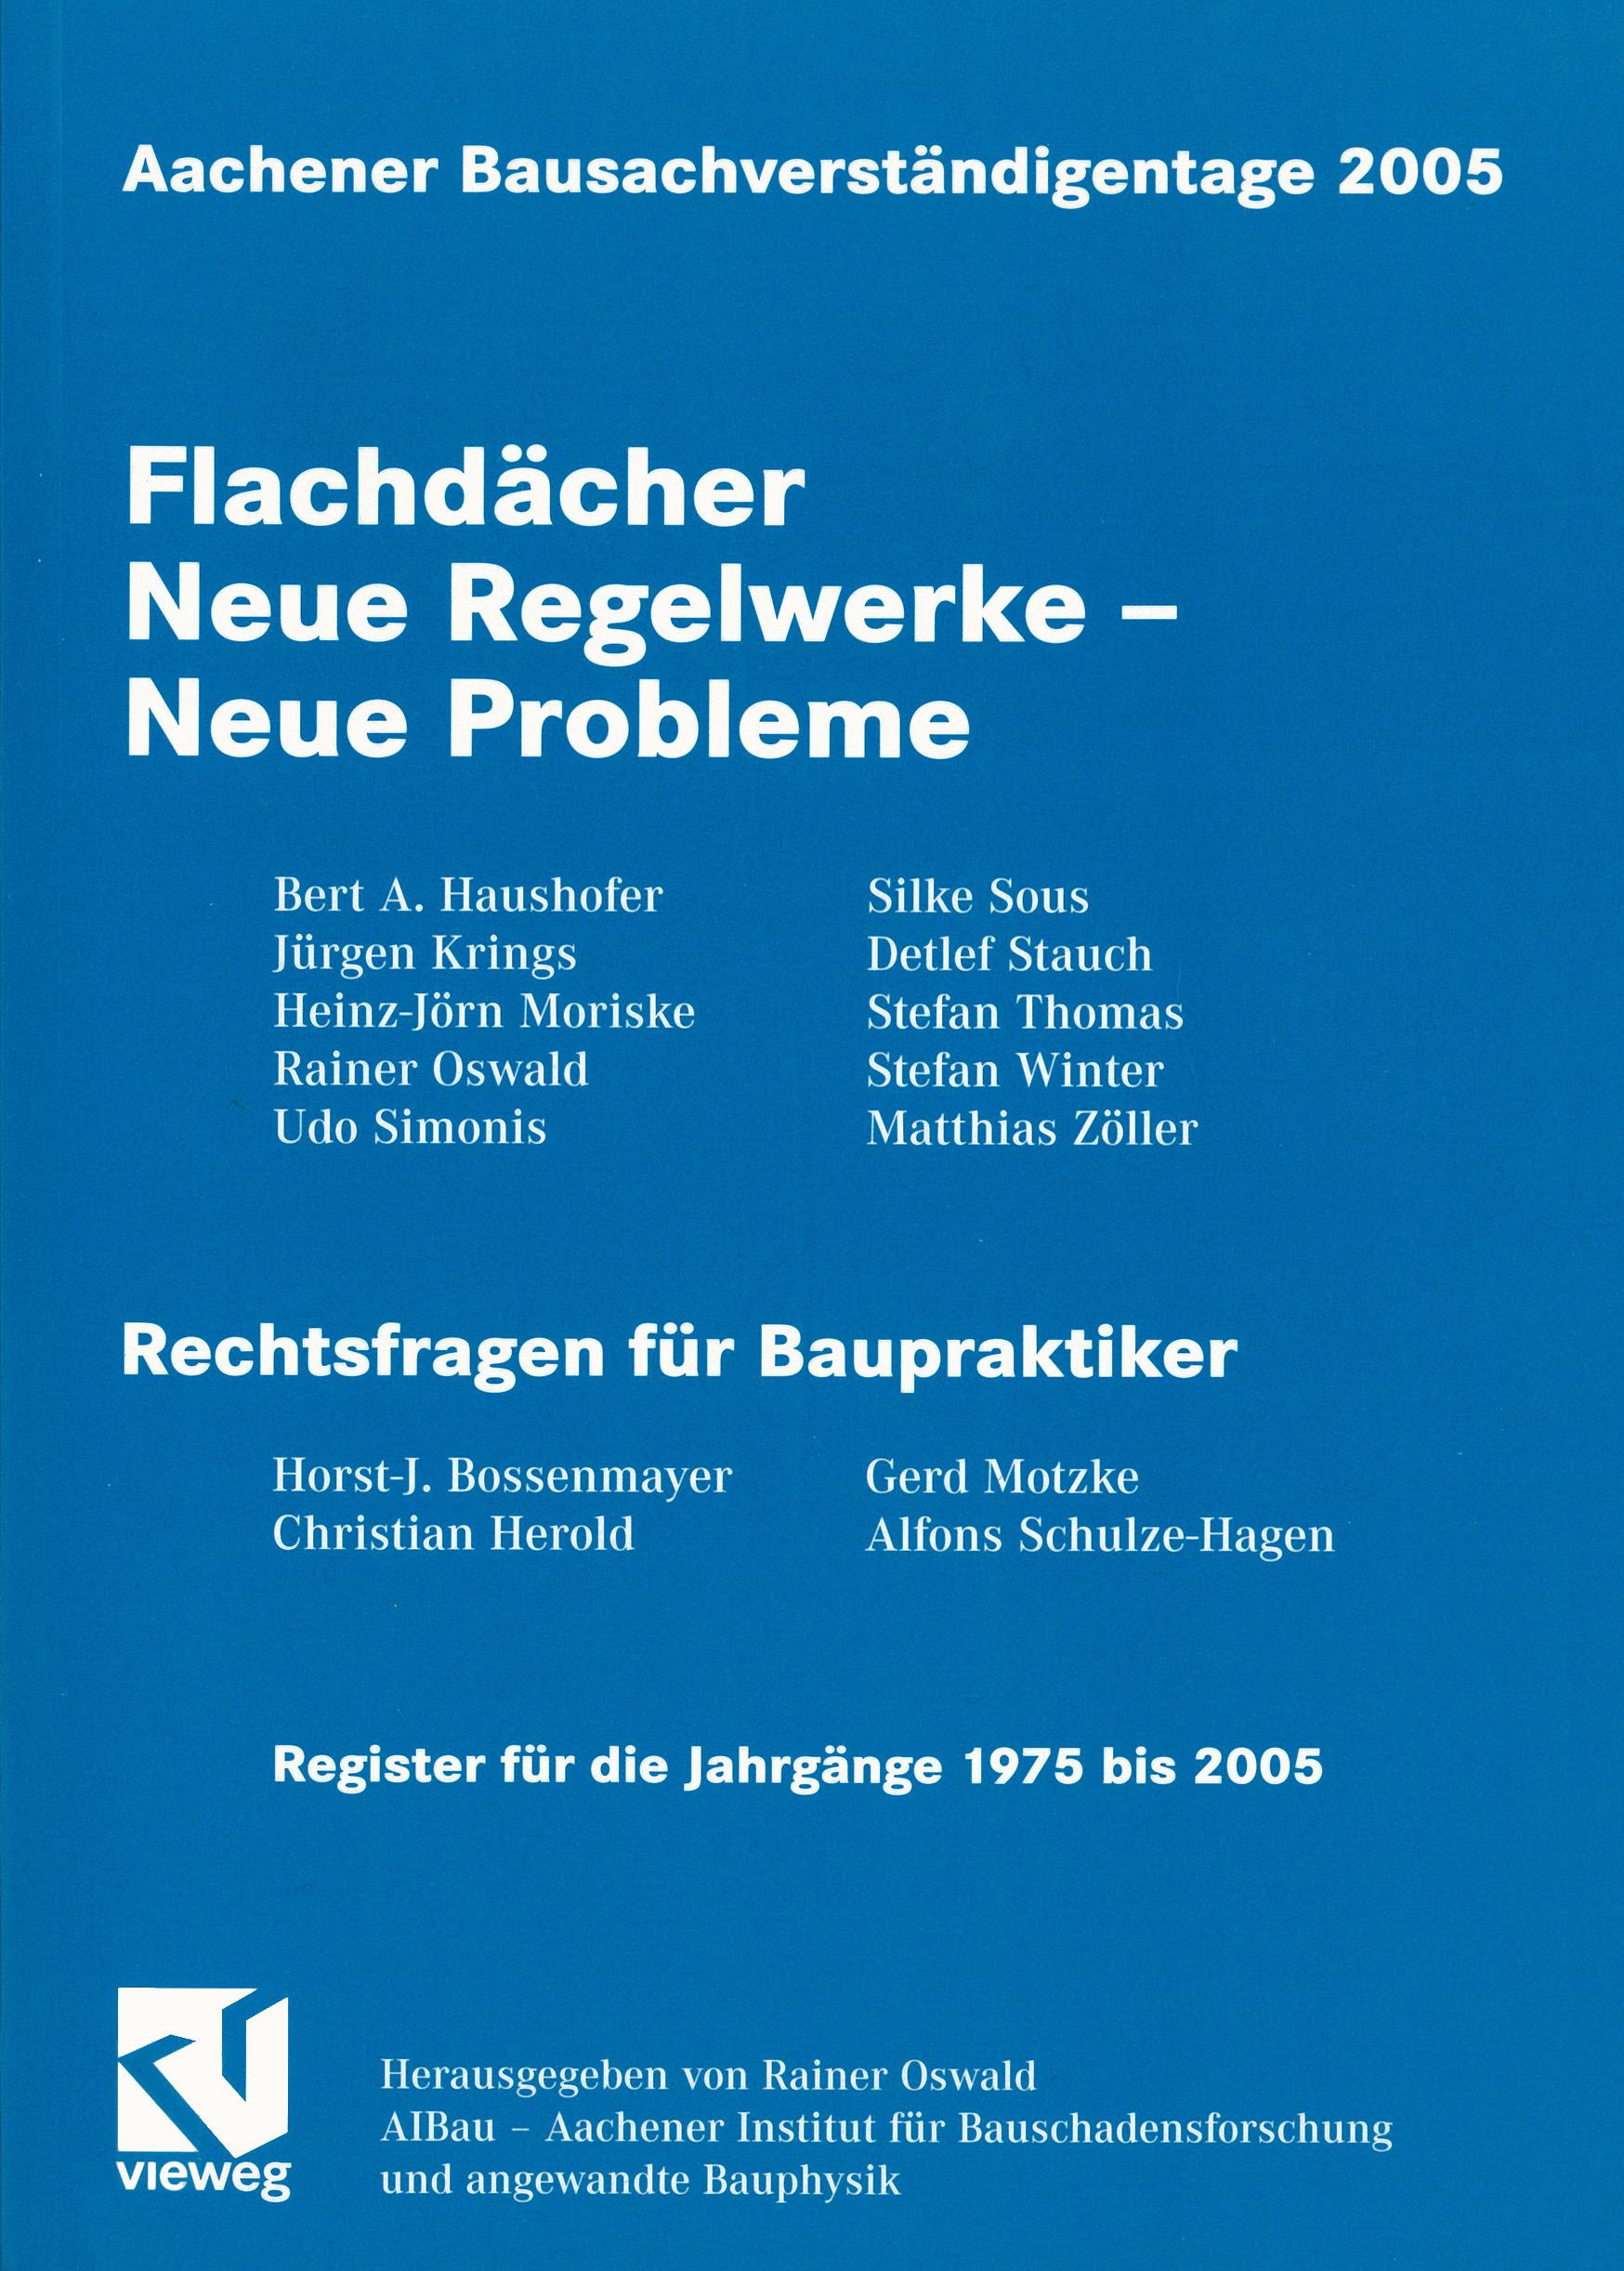 Tagungsand: Flachdächer Neue Regelwerke - Neue Probleme - Coverbild